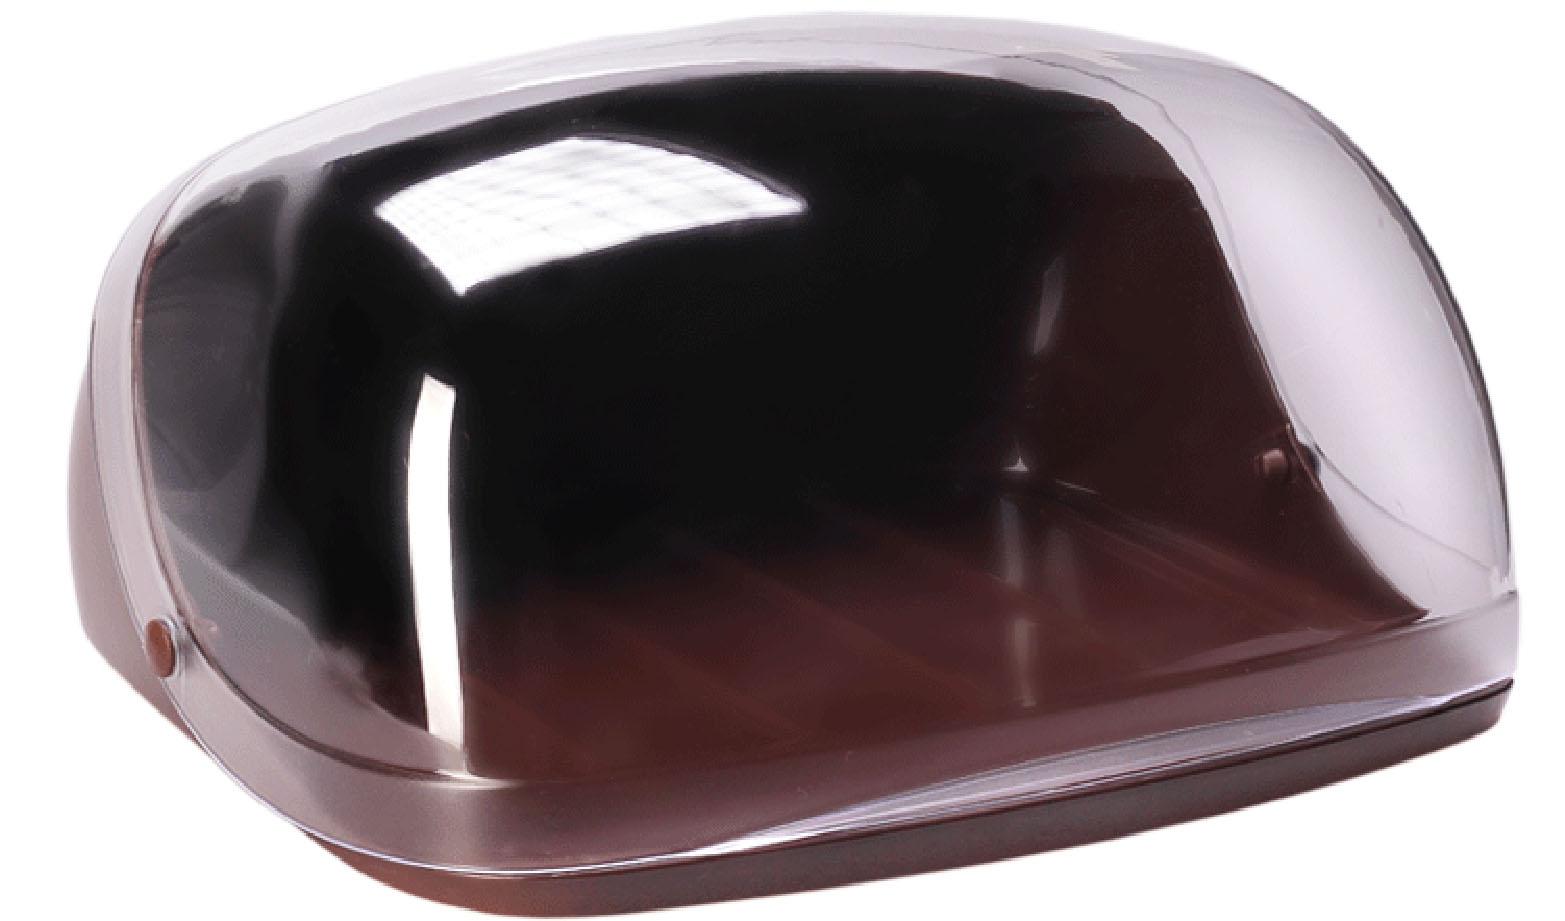 Хлебница Idea Кристалл, цвет: коричневый, прозрачный, 40 х 29 х 16 смМ 1181Хлебница Idea Кристалл, изготовленная из пищевого пластика, обеспечивает идеальные условия хранения для различных видов хлебобулочных изделий, надолго сохраняя их свежесть. Изделие оснащено плотно закрывающейся крышкой, защищающей продукты от воздействия внешних факторов (запахов и влаги).Вместительность, функциональность и стильный дизайн позволят хлебнице стать не только незаменимым аксессуаром на кухне, но и предметом украшения интерьера. В ней хлеб всегда останется свежим и вкусным.